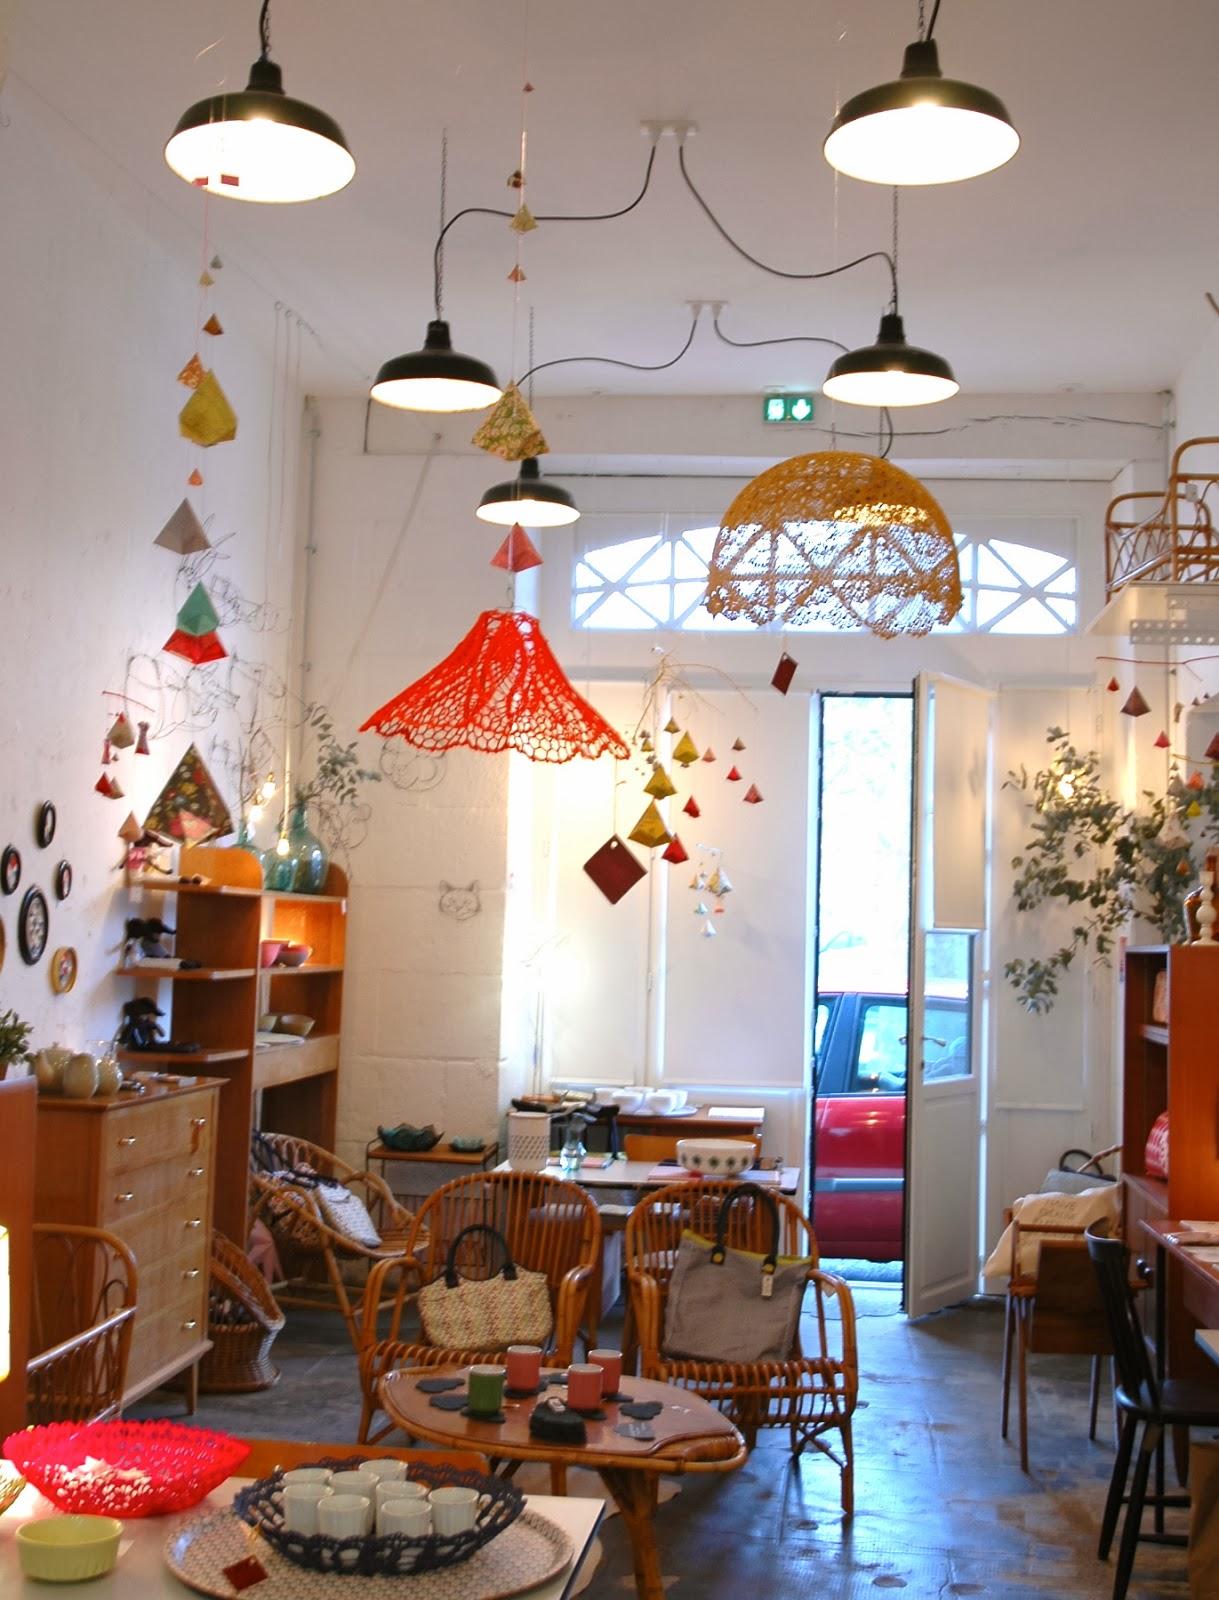 maillo l 39 atelier du petit parc. Black Bedroom Furniture Sets. Home Design Ideas